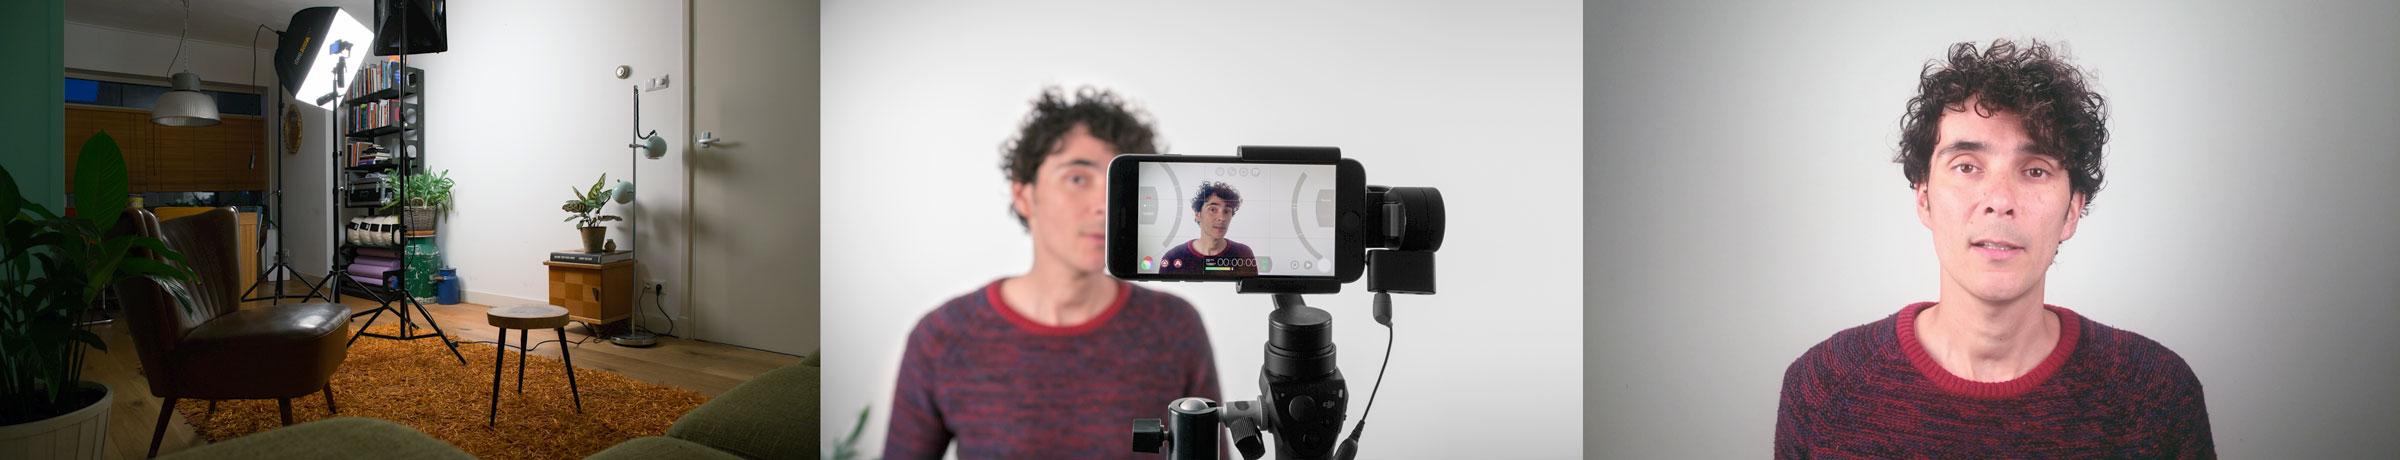 Cursus filmen smartphone